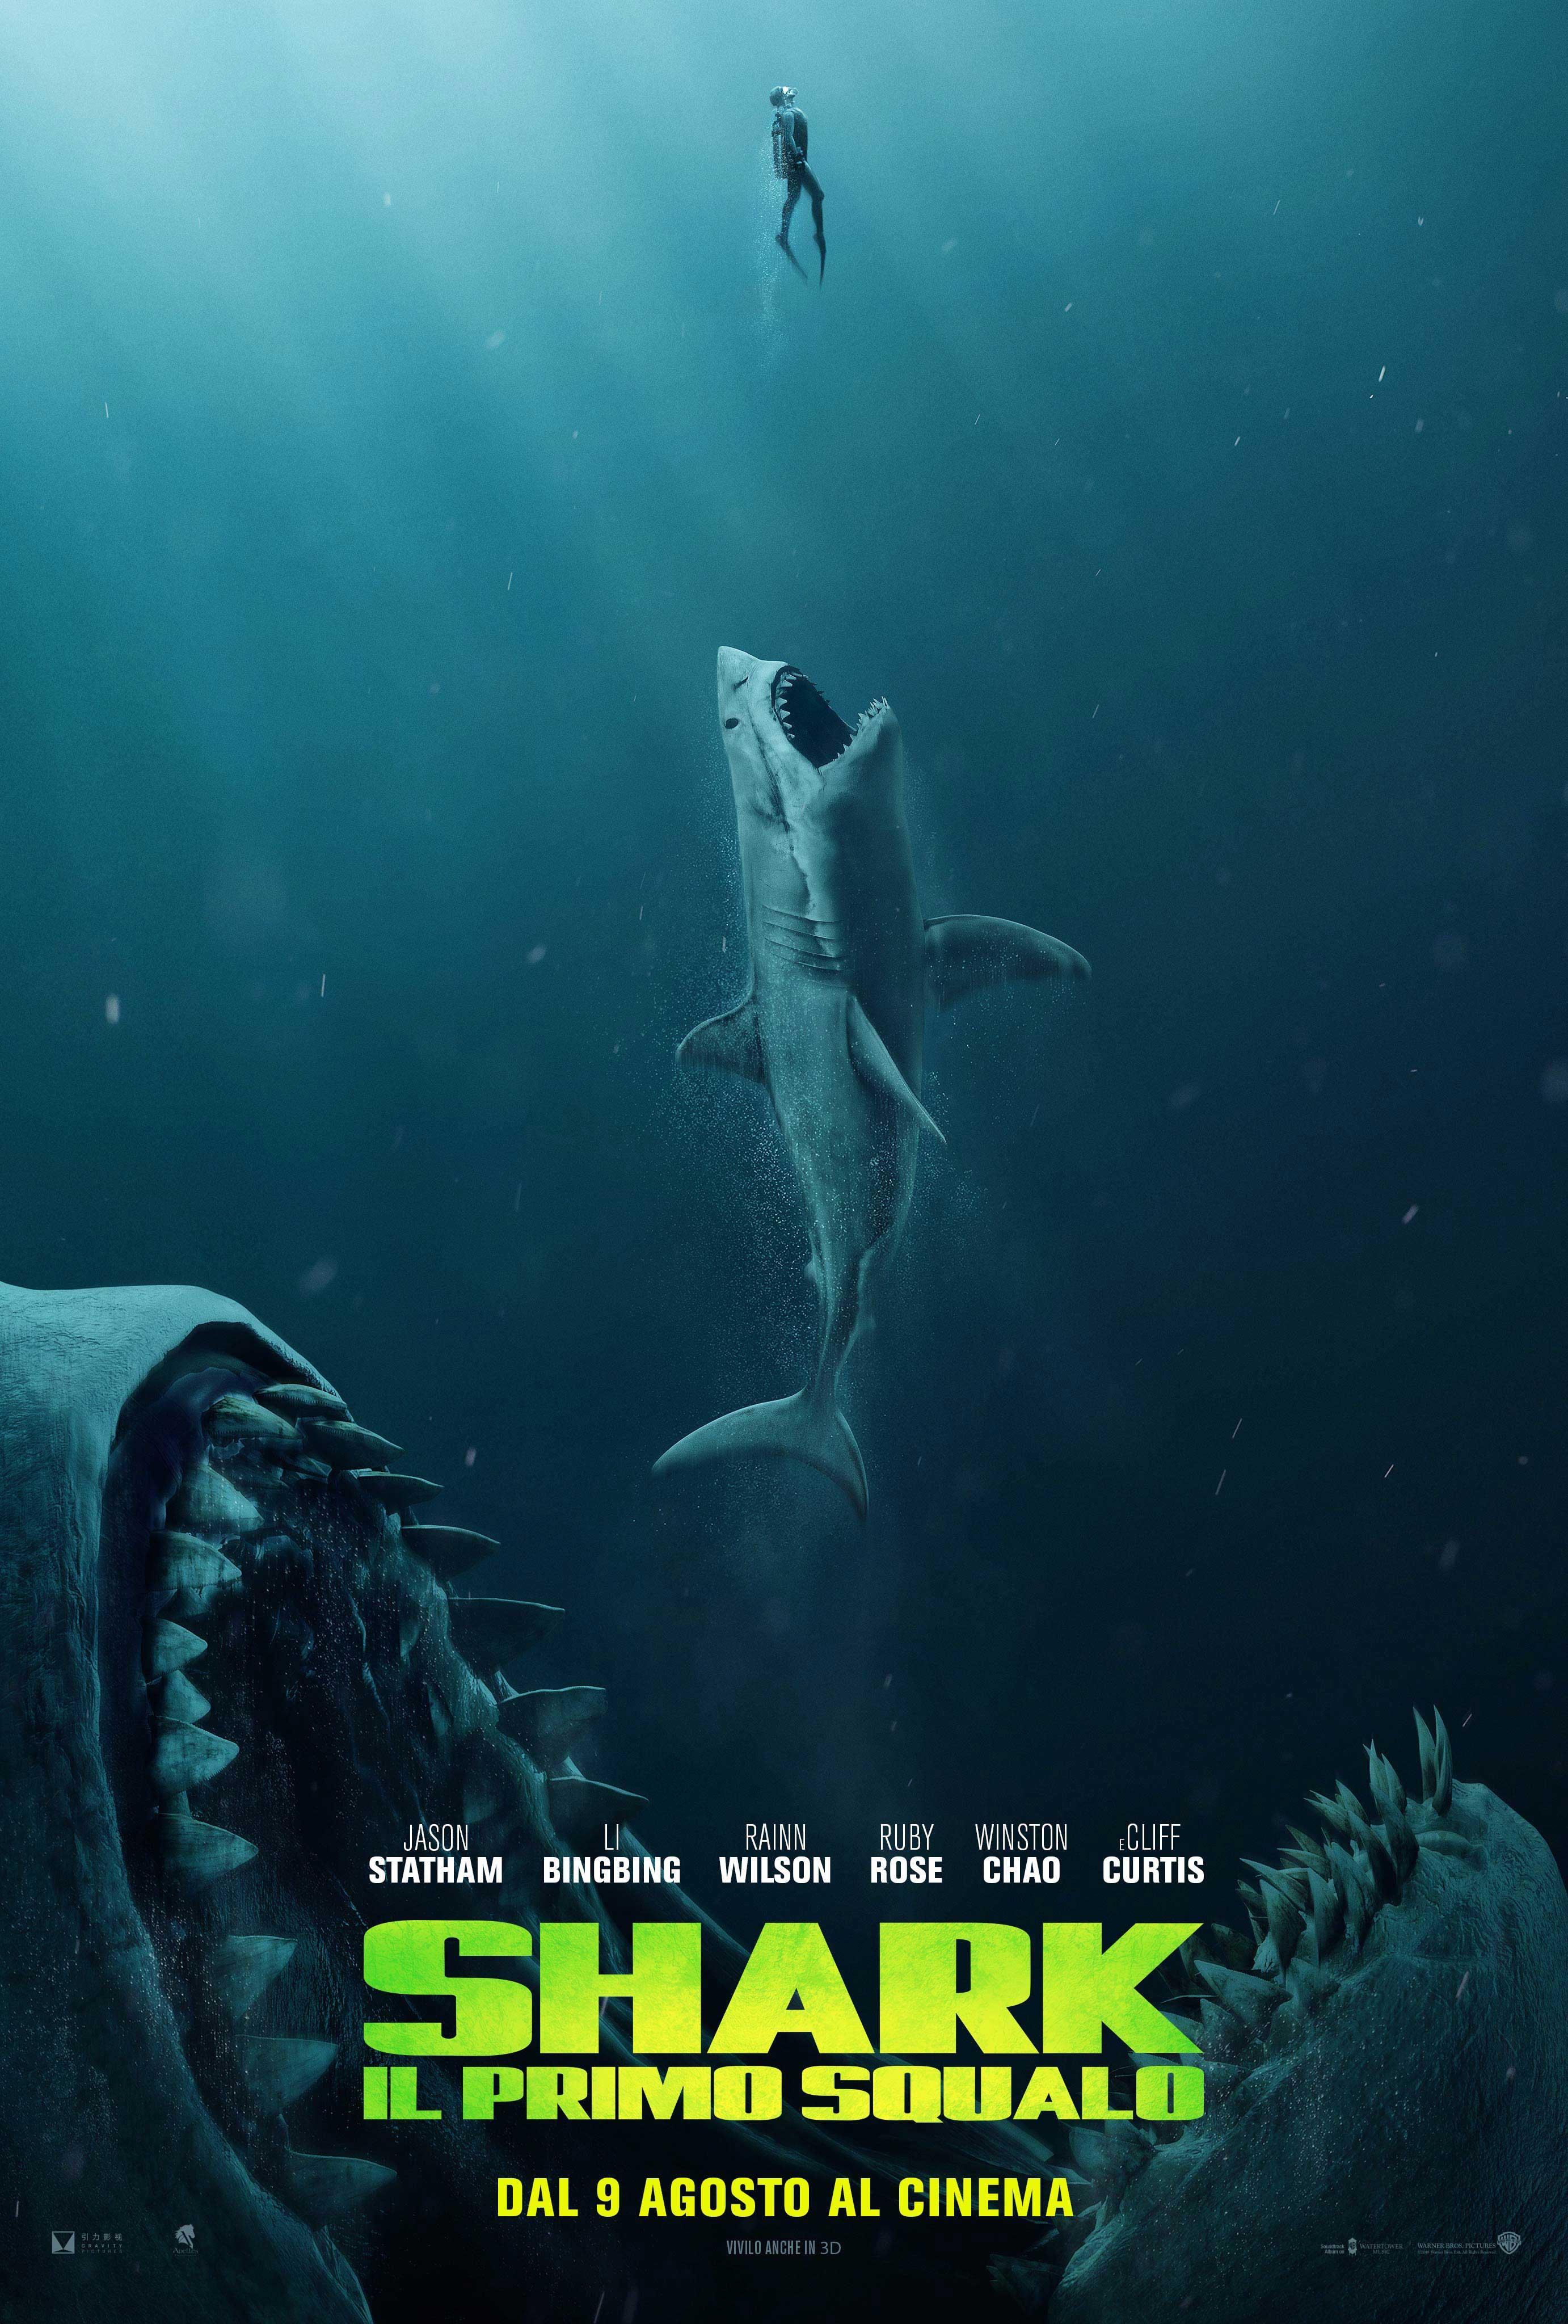 Shark - Il pimo squalo: Teaser Poster Italiano del Film